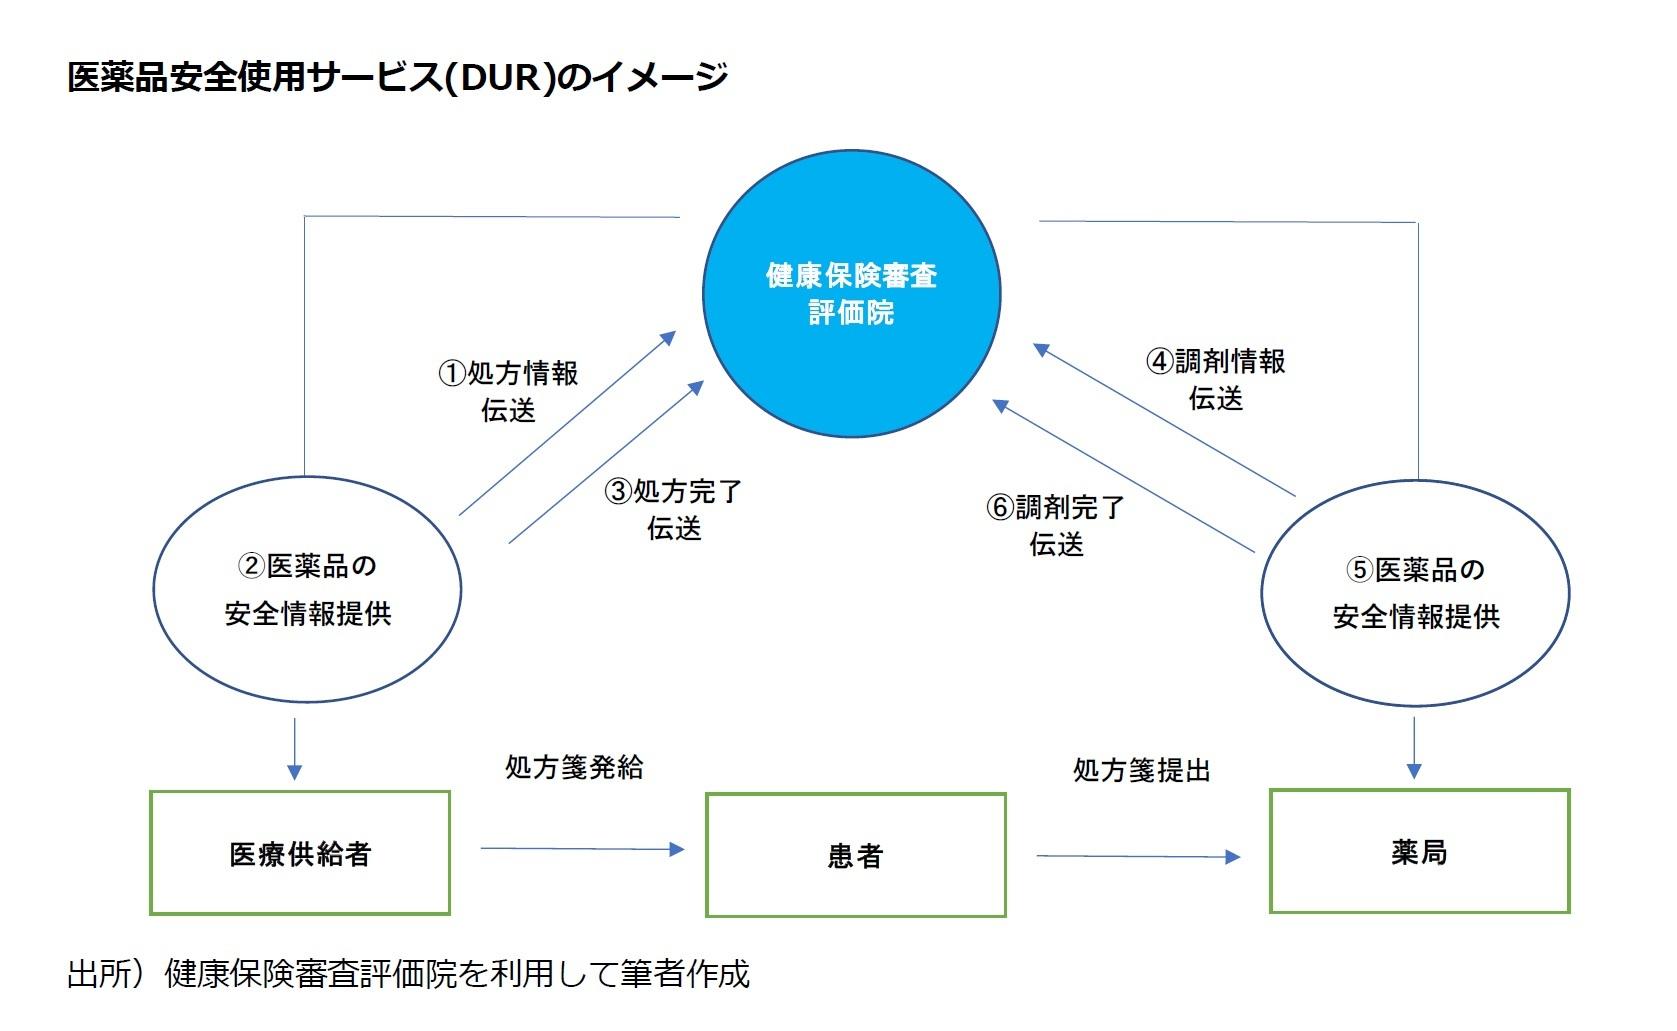 医薬品安全使用サービス(DUR)のイメージ